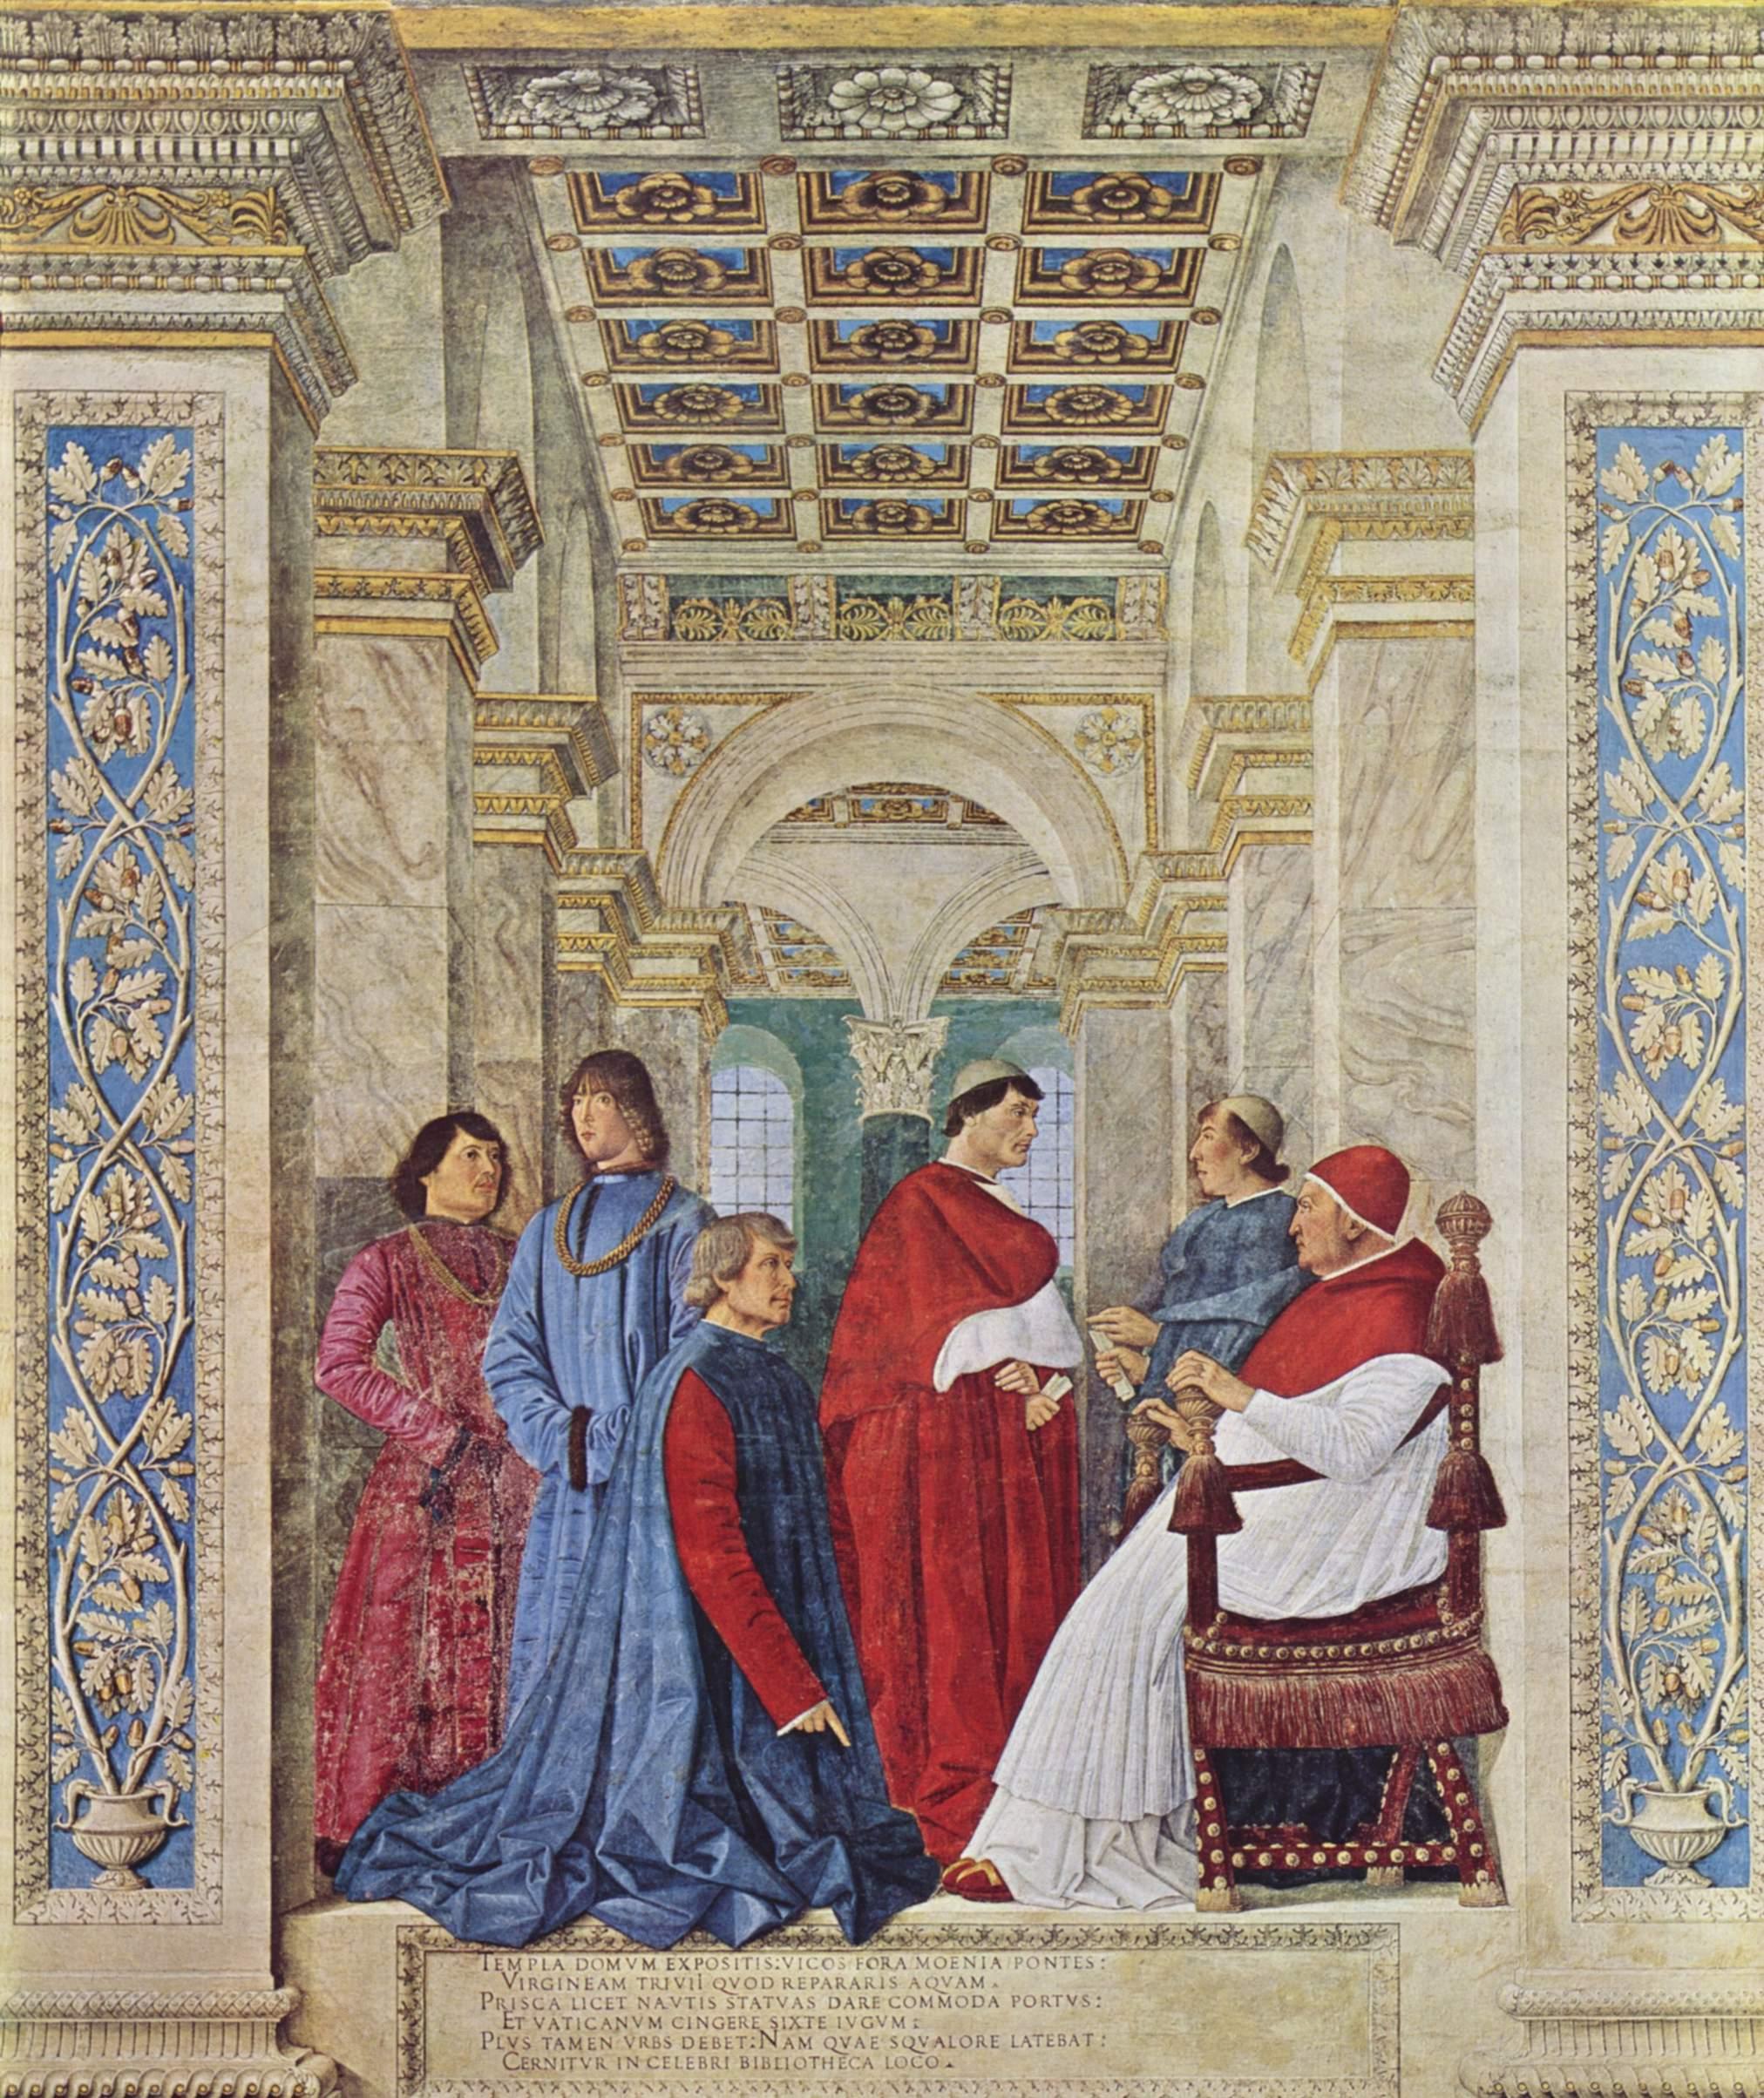 ヴァチカン図書館長を拝命するバルトロメオ・サッキ